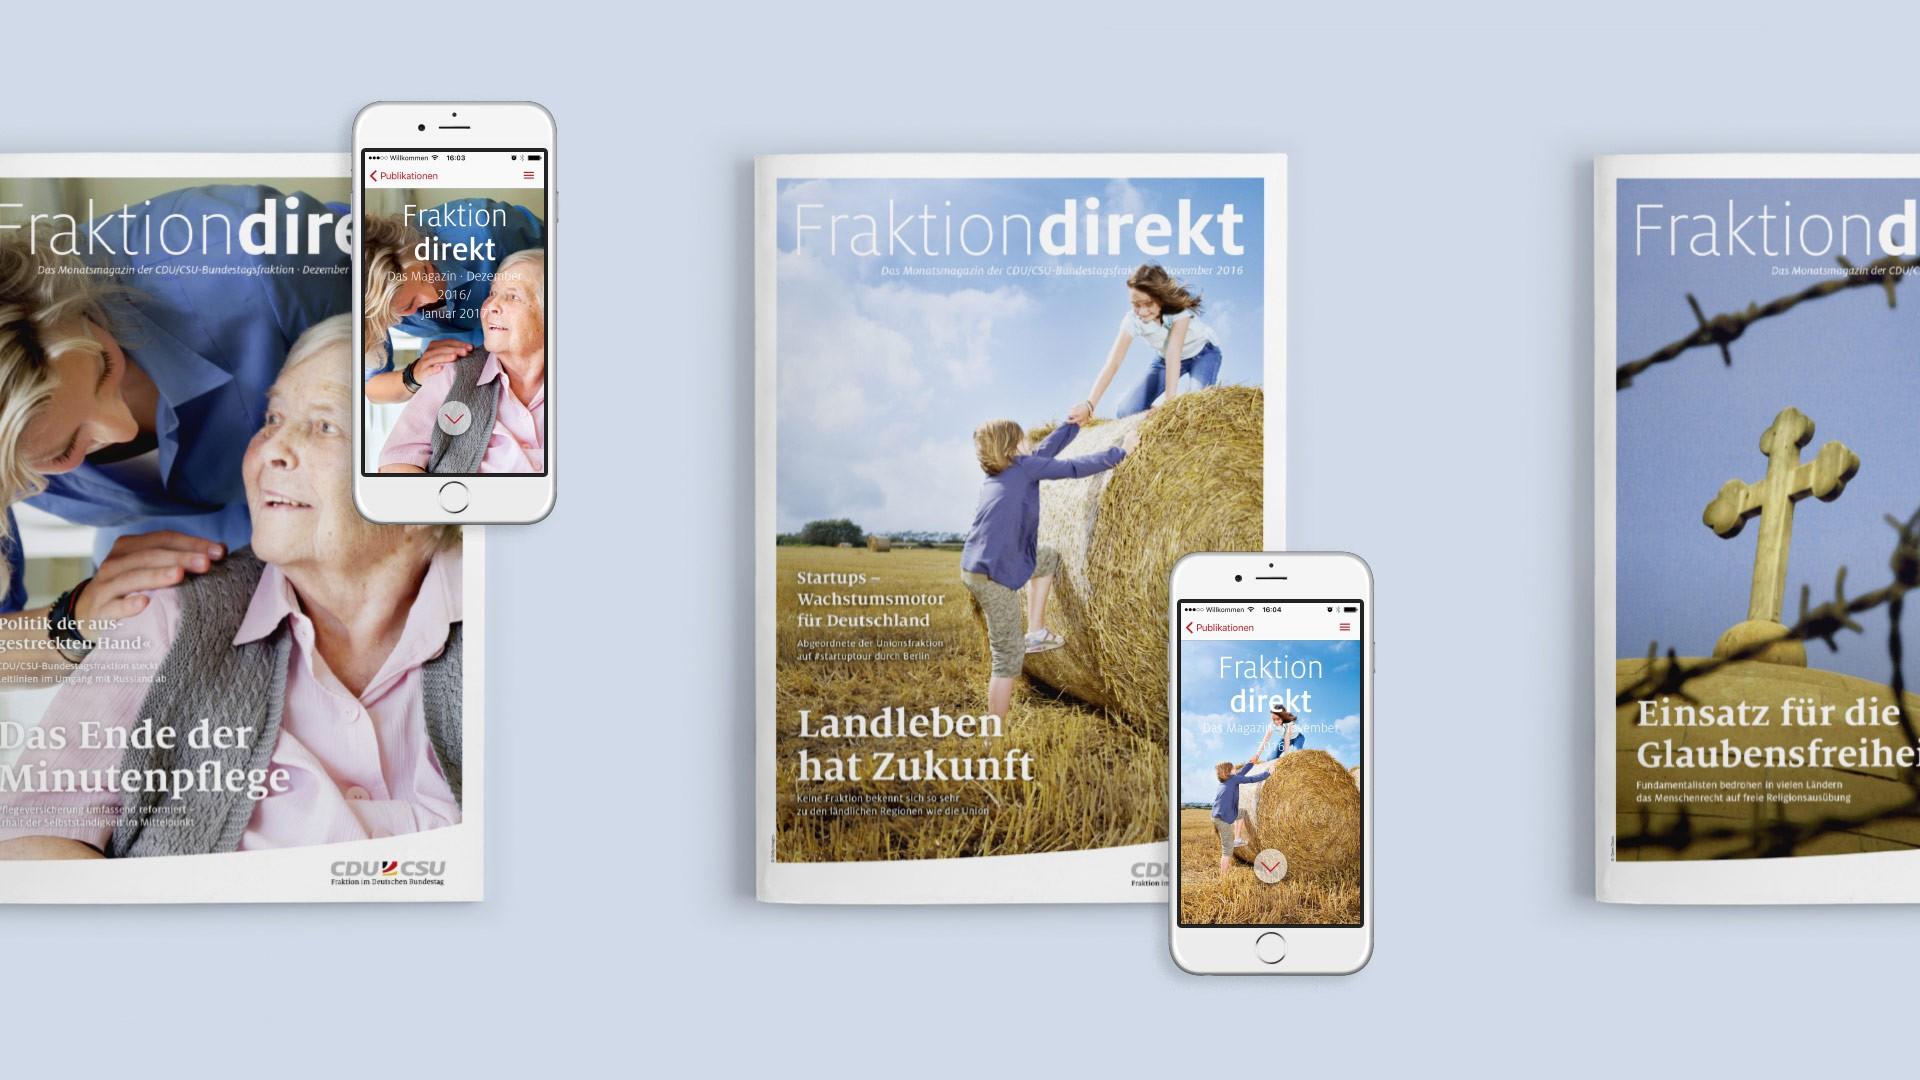 »Fraktion direkt als App und Printausgabe«